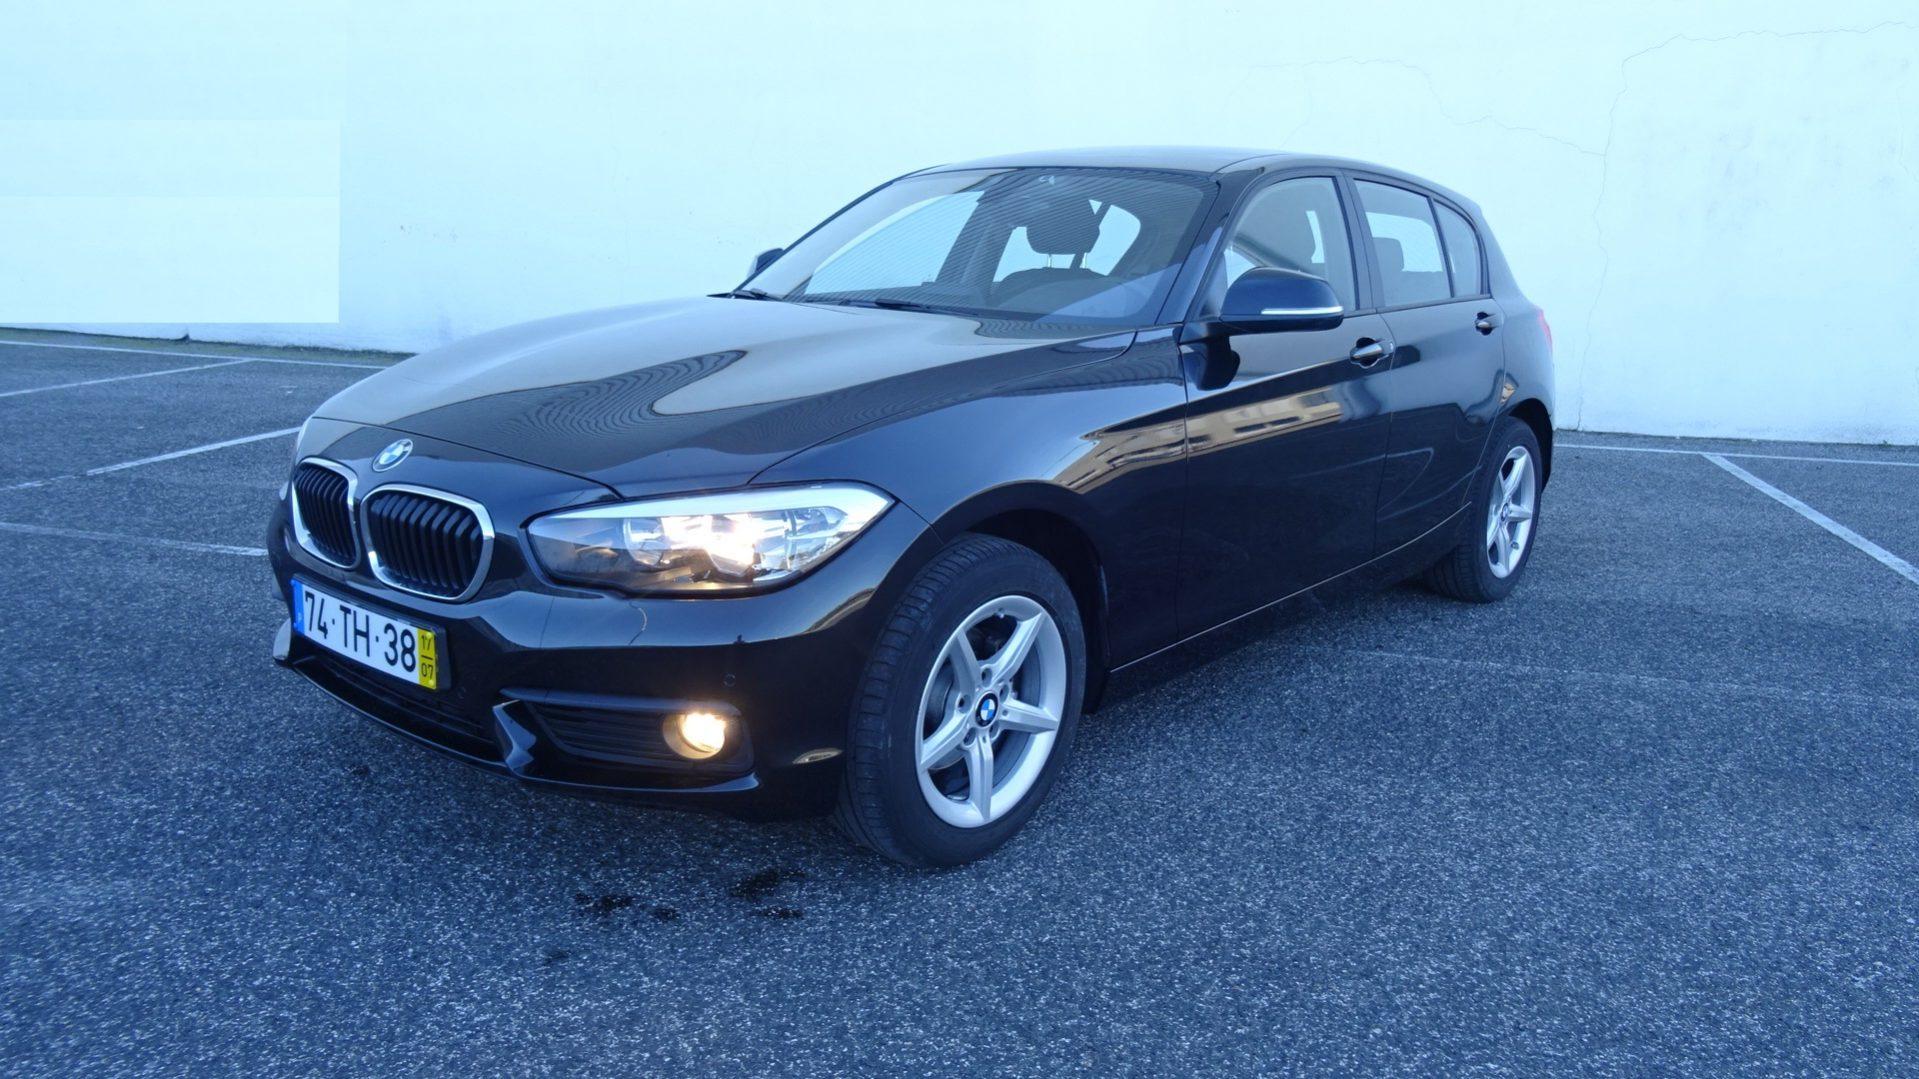 BMW 116 D Efficient Dynamic Advance AUT./GPS (5p)